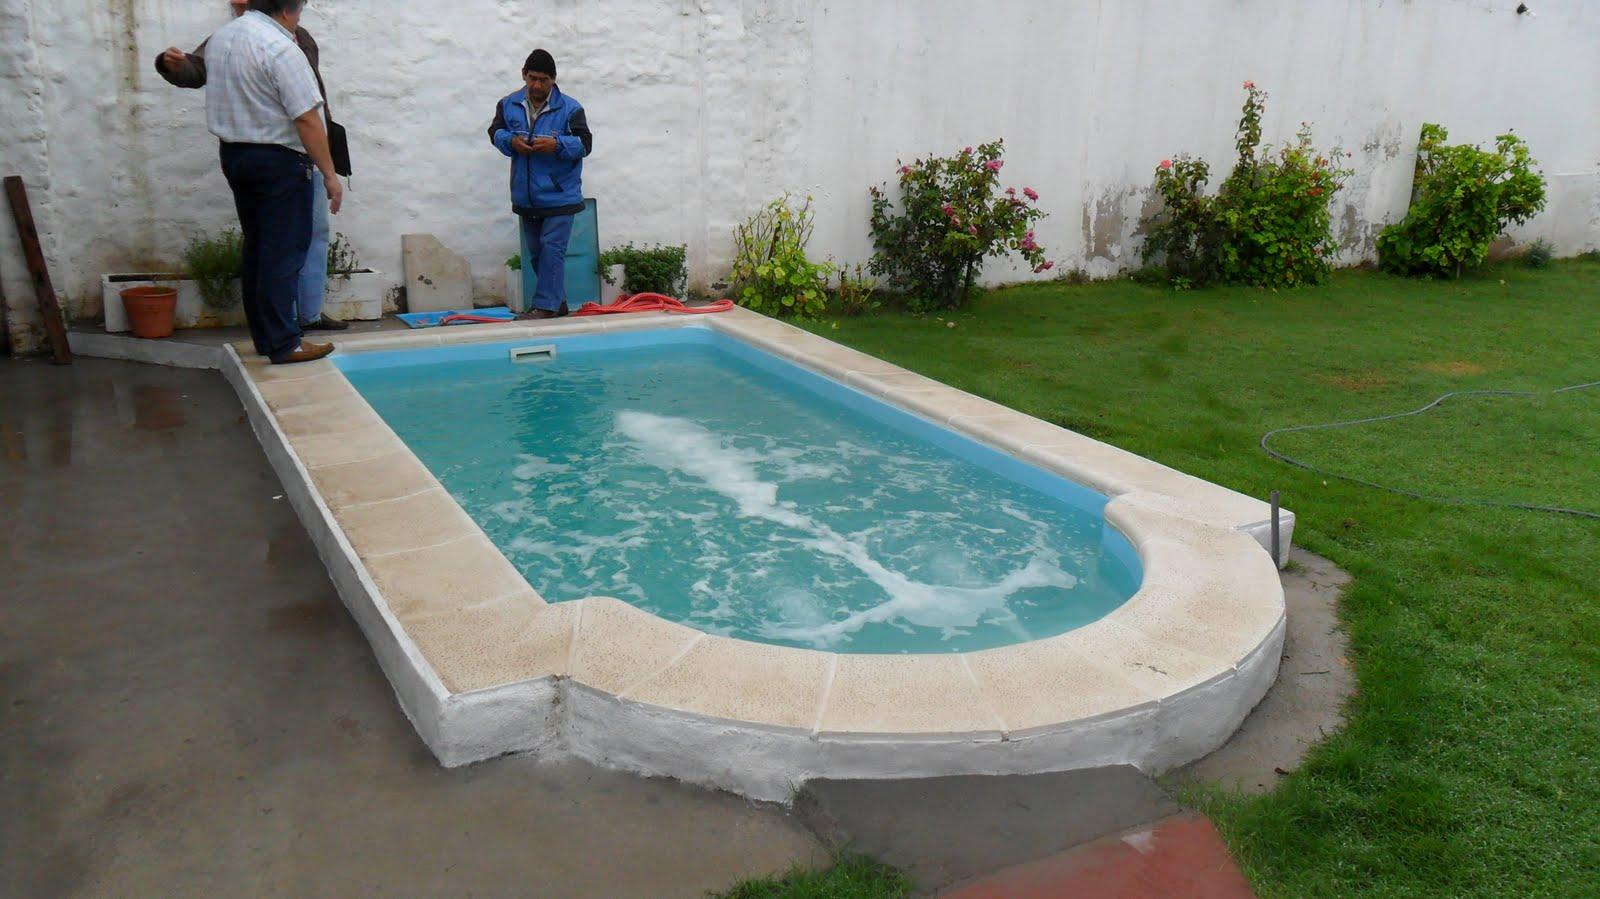 Piscinas aqua catamarca naxos piscina chica 4 65x2 for Piscinas estructurales chicas